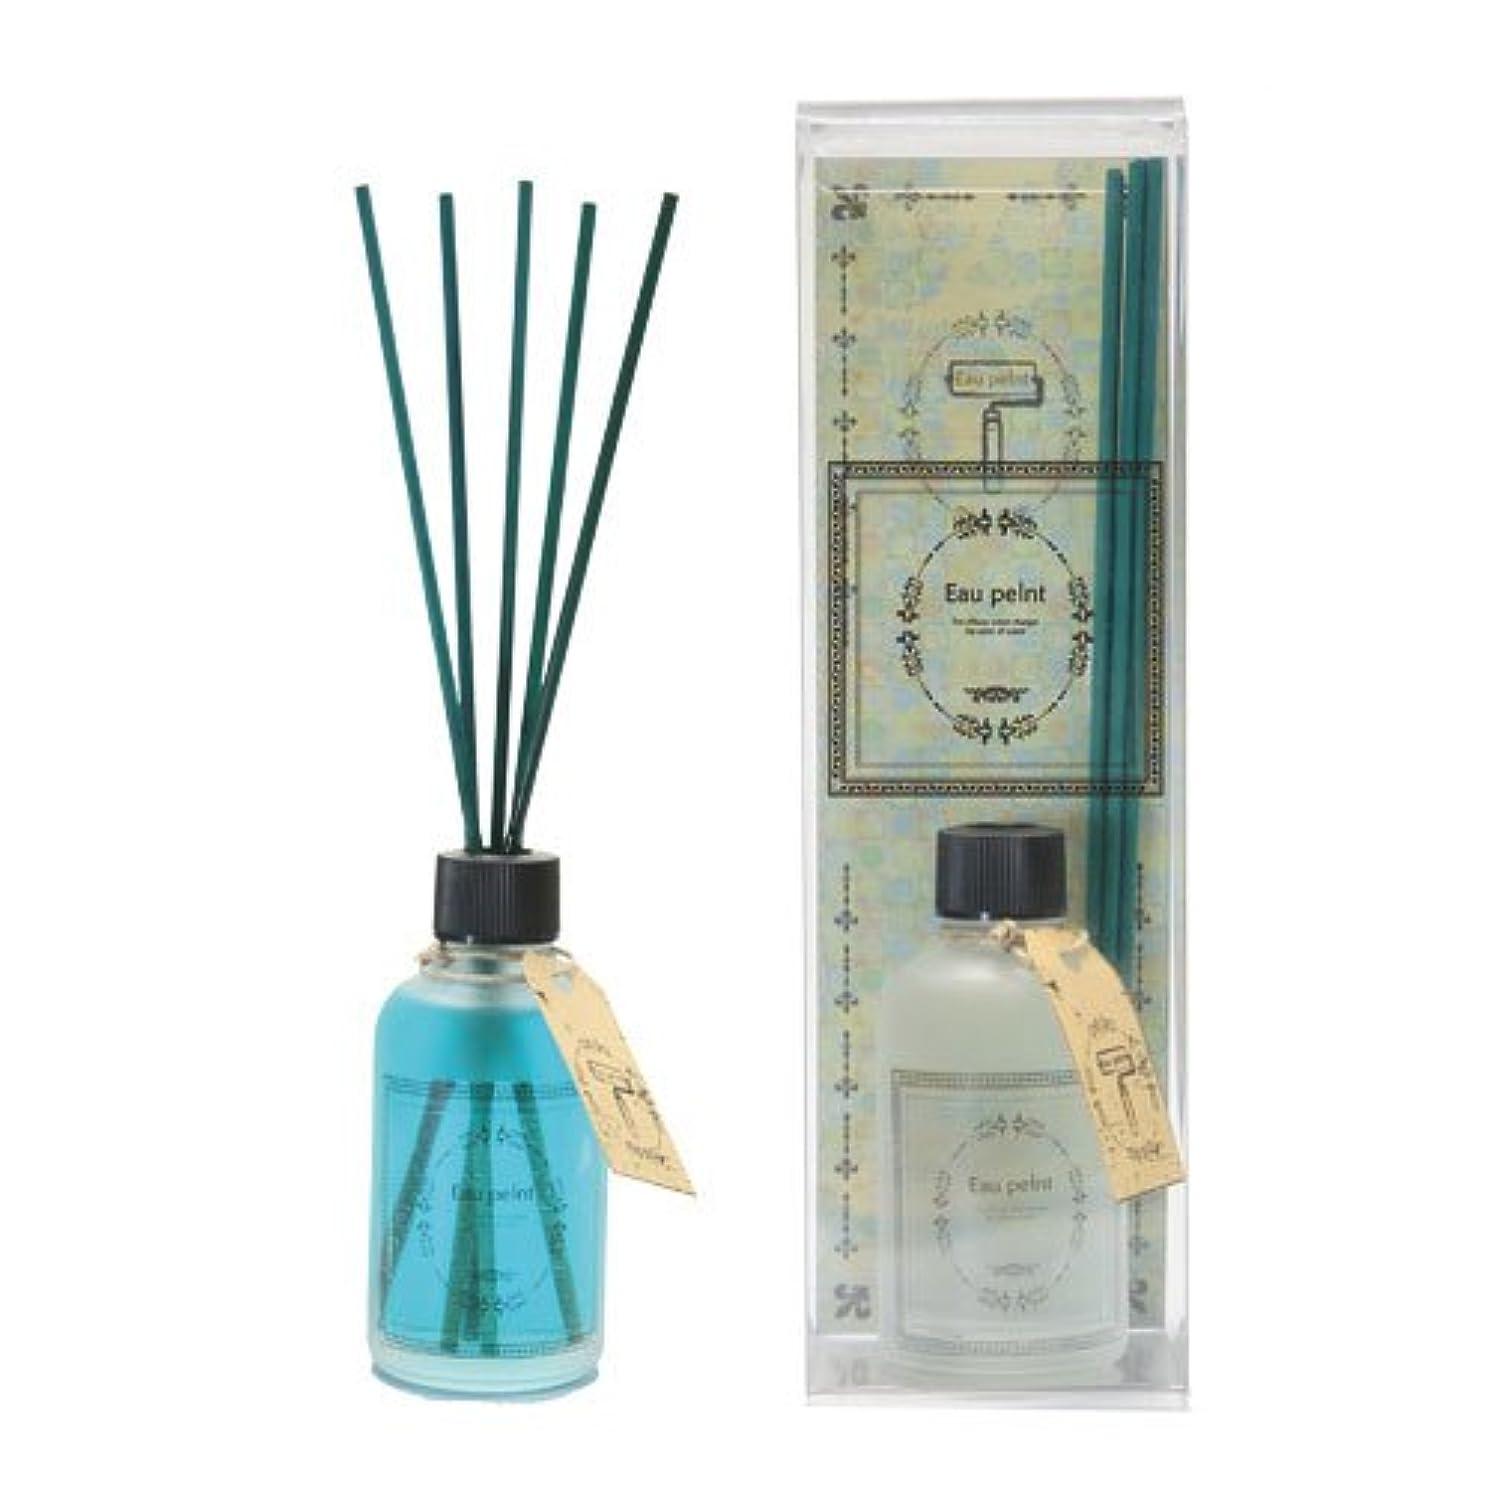 強大なマートもっと少なくEau peint オーペイント リードディフューザー 60ml ターコイズグラス(Turquoise grass)